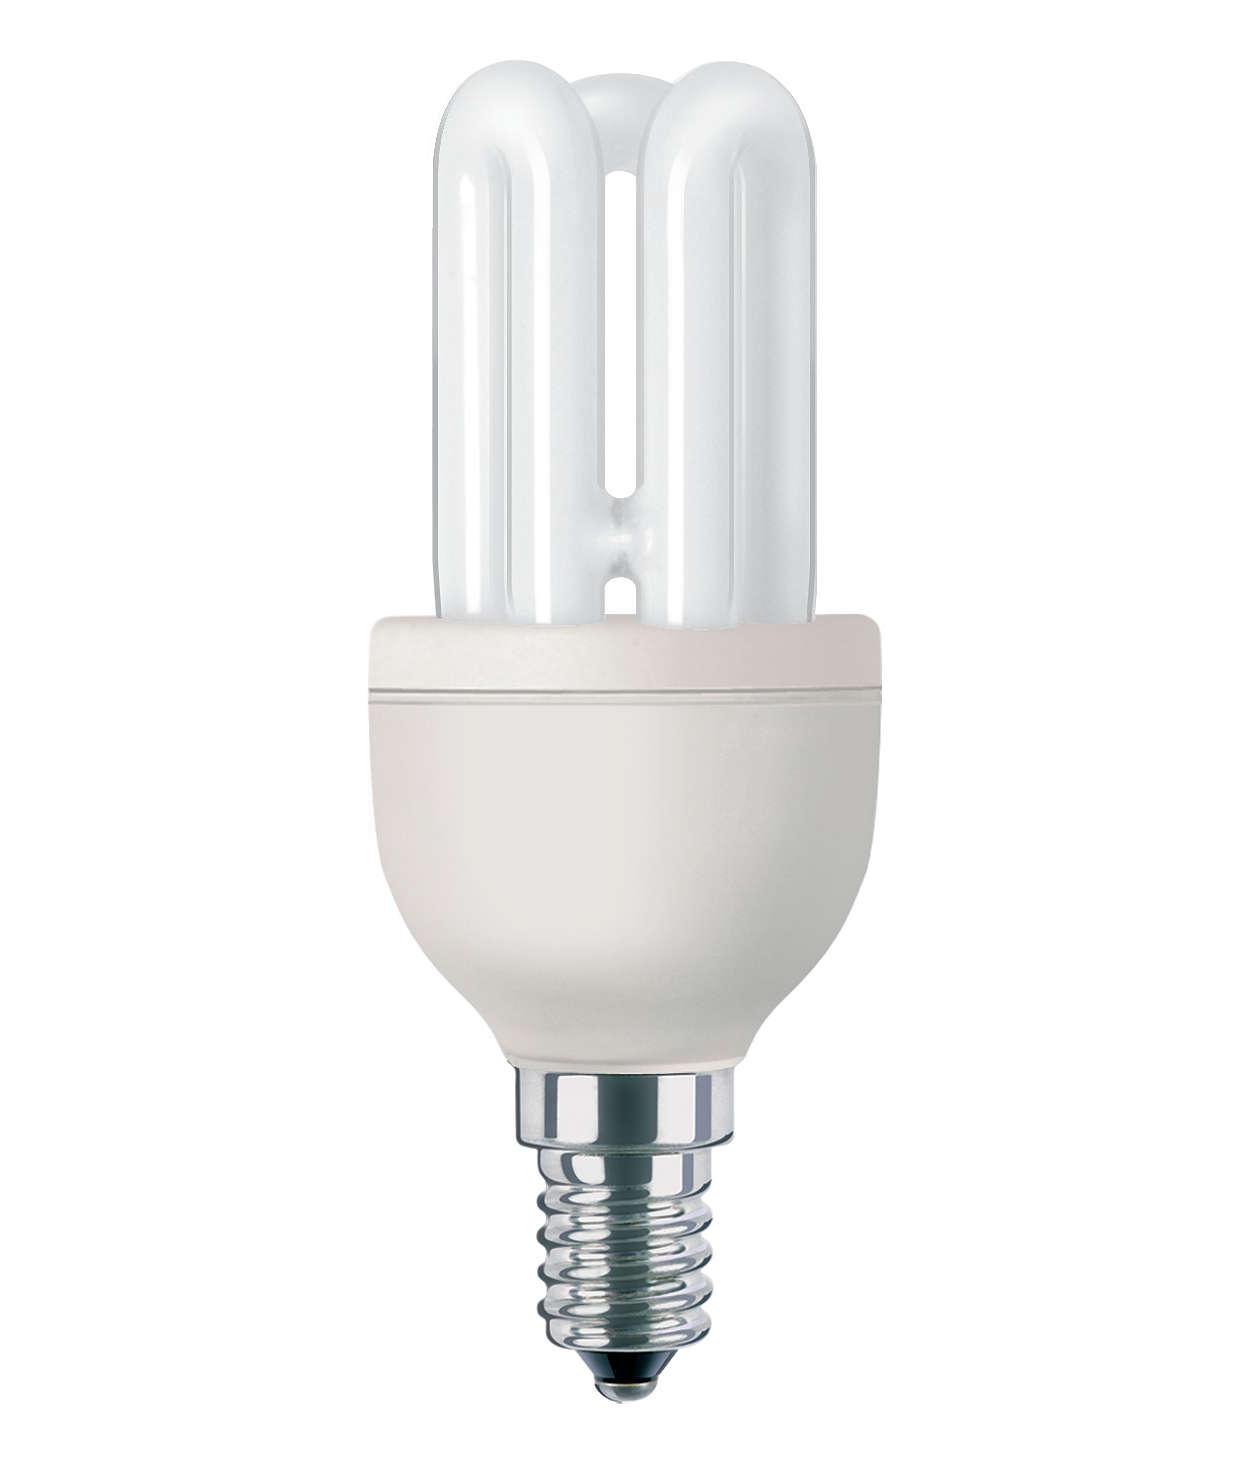 Компактные энергосберегающие лампы профессионального класса